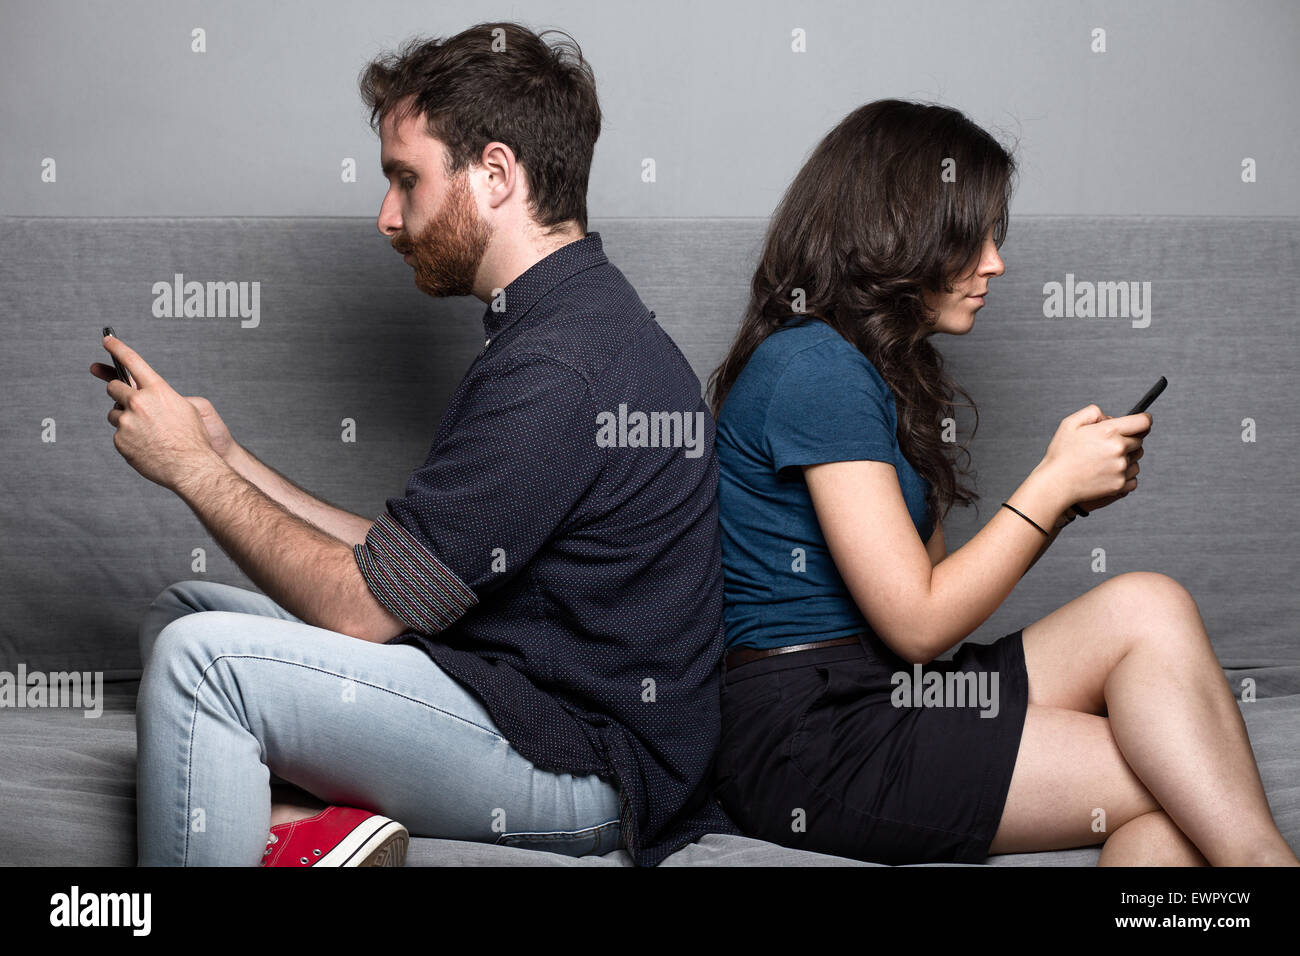 Junge Stille paar mit Smartphones, die auf einer Couch sitzend Stockfoto